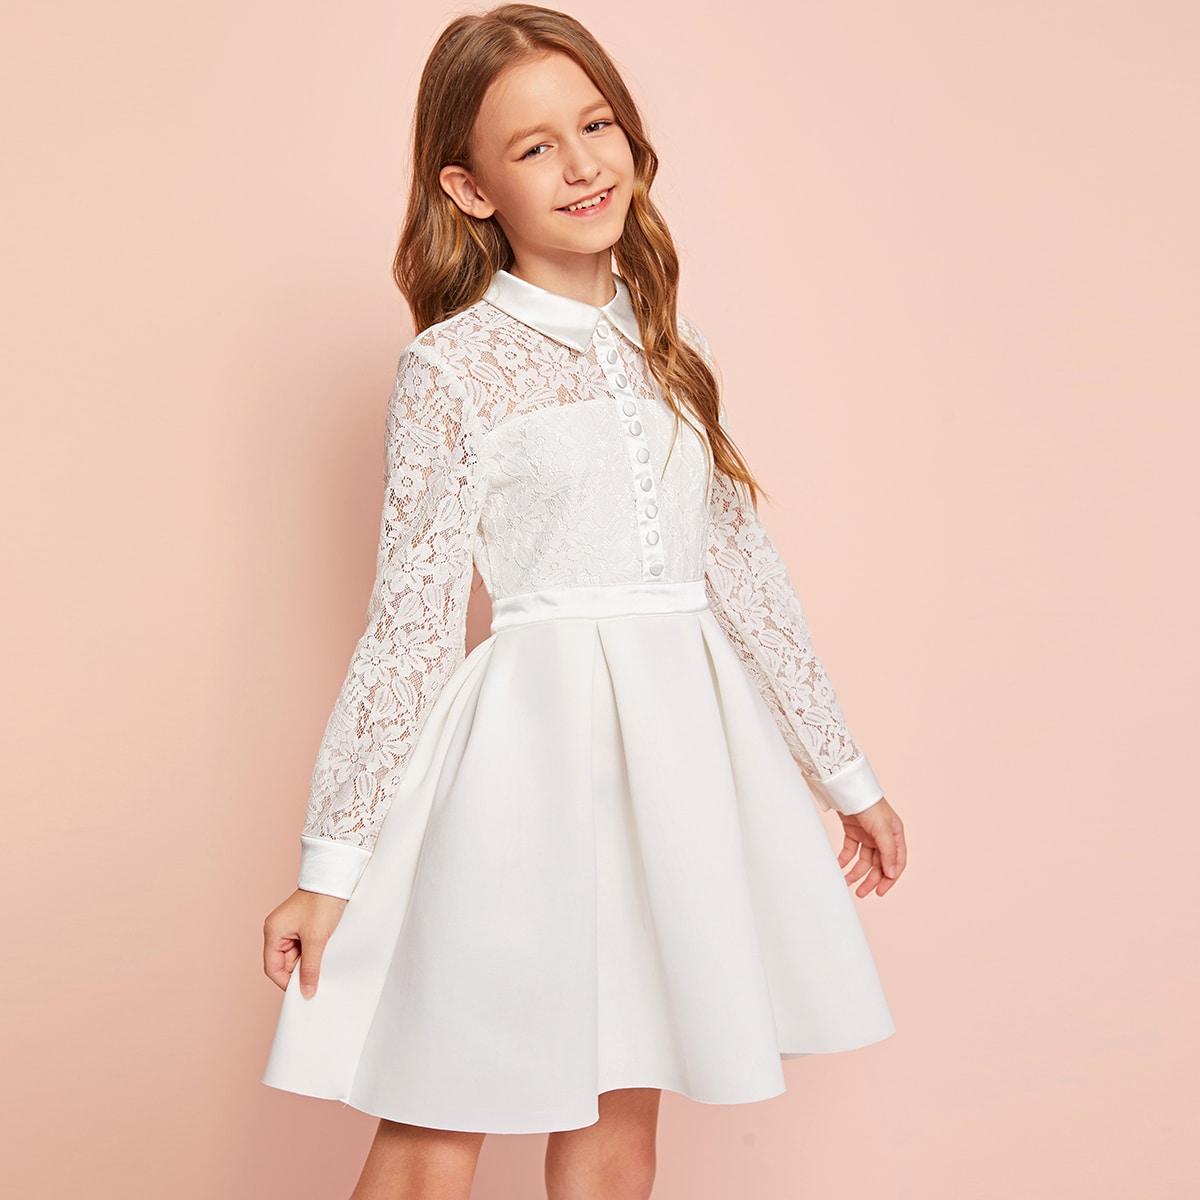 Плиссированное платье с пуговицами и кружевом для девочек фото